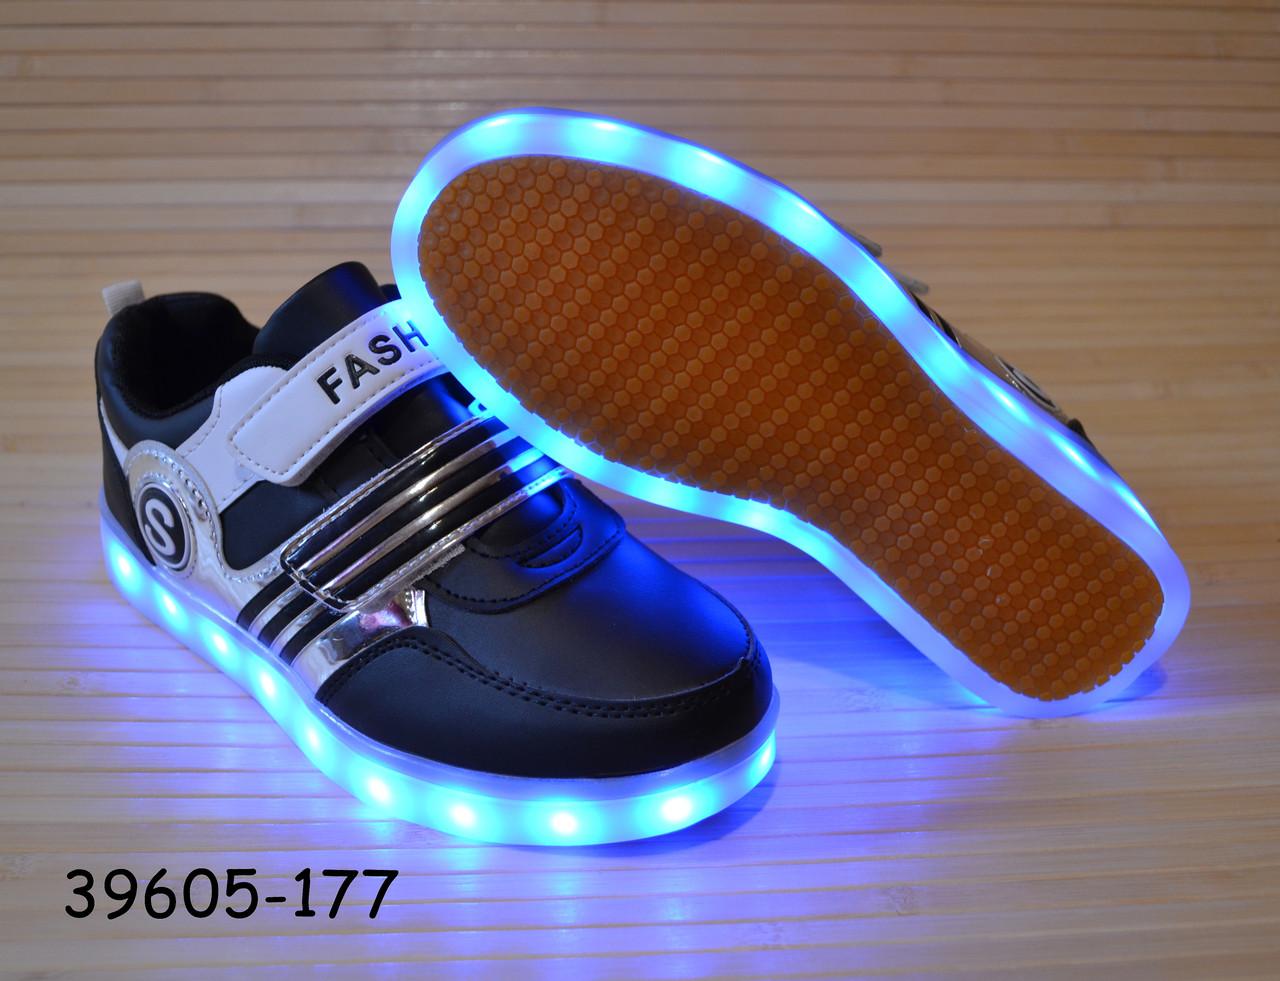 Кроссовки для мальчика со светящейся LED подошвой с USB кабелем